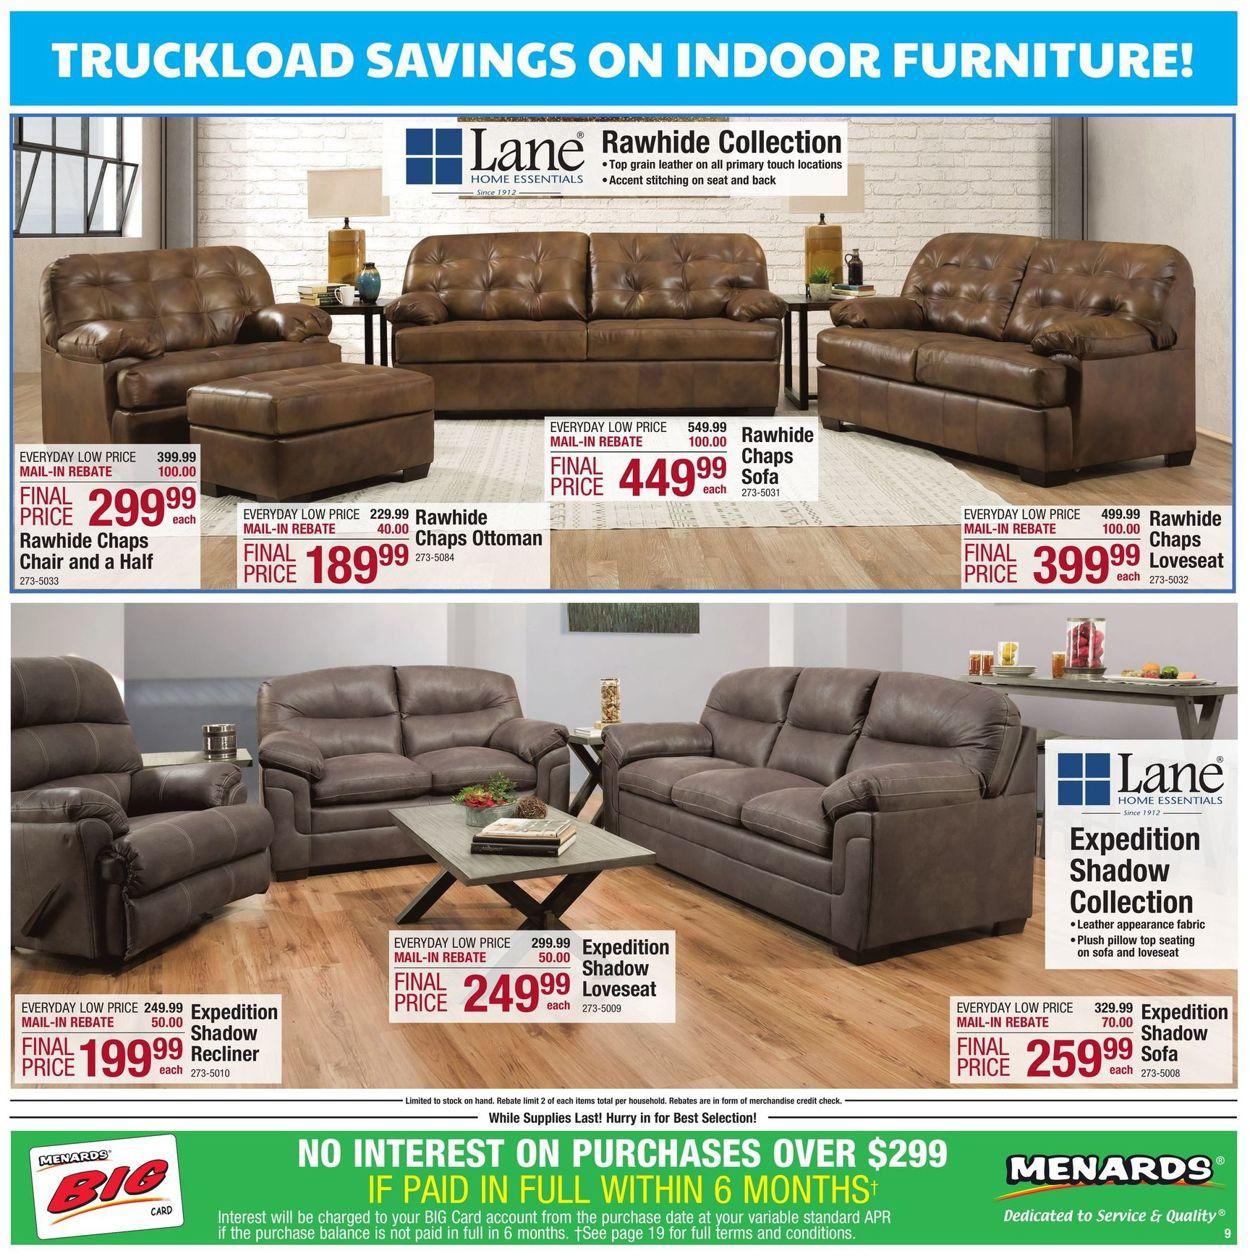 Menards Labor Day Hours Design Corral, Menards Living Room Furniture